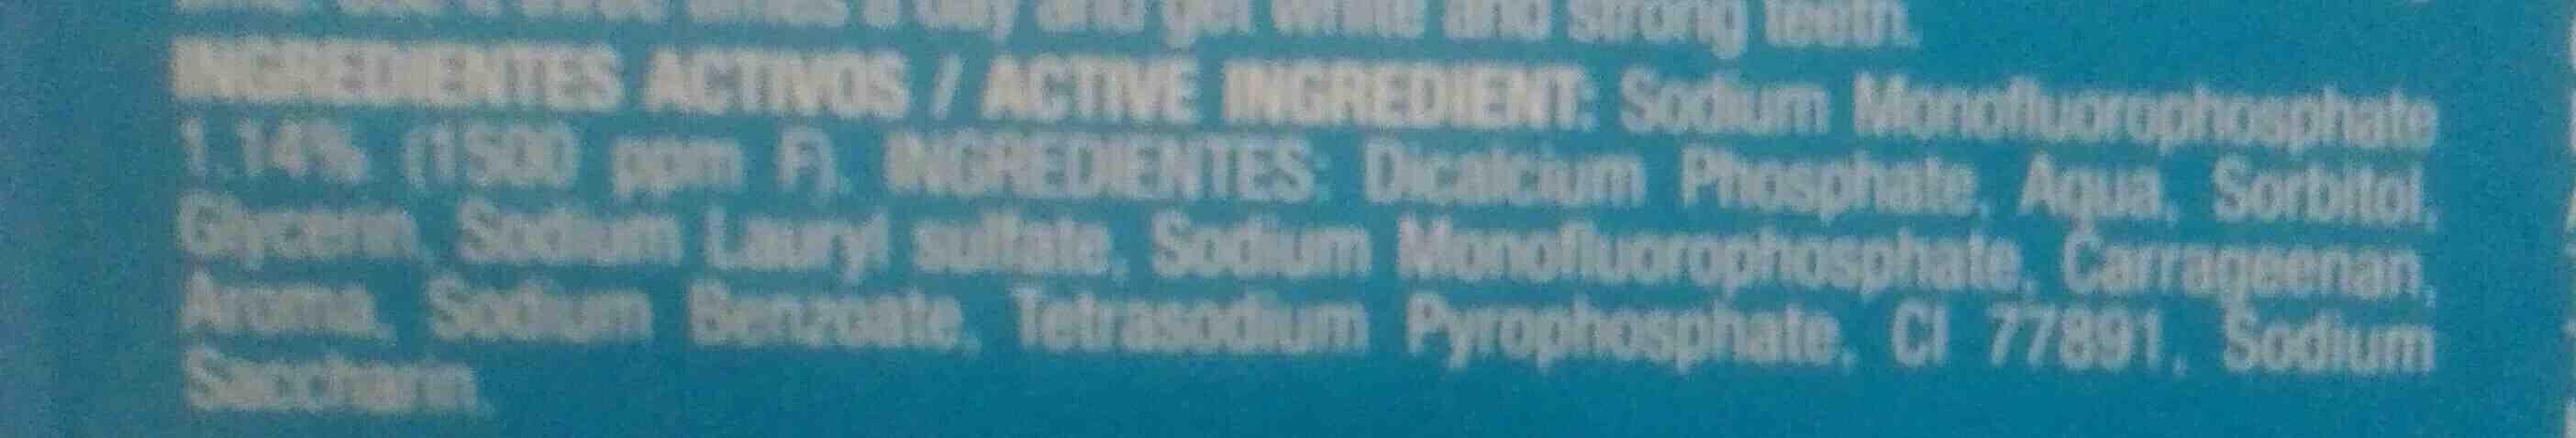 Dento dento - Ingredients - en